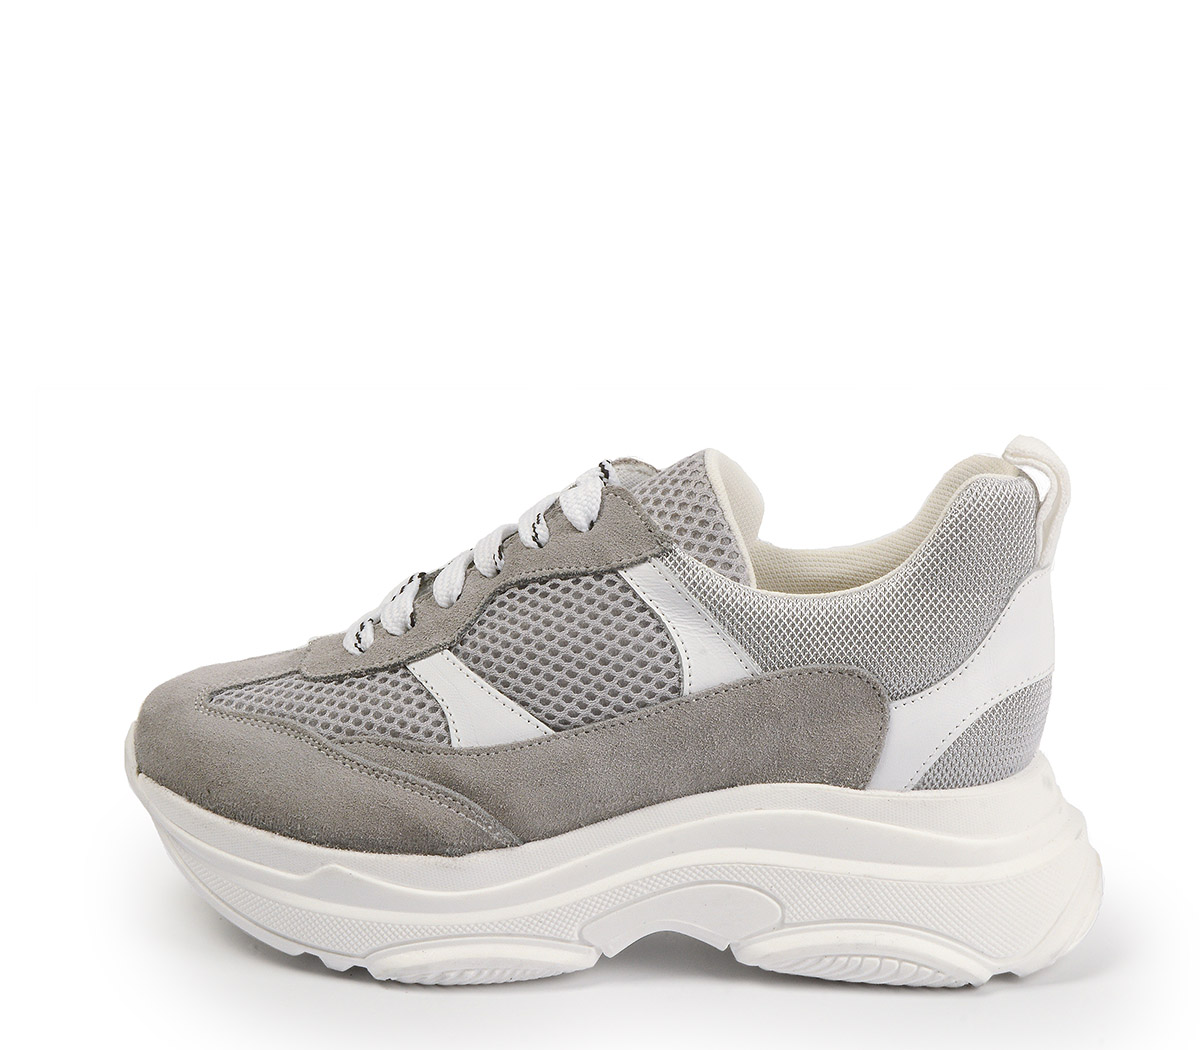 Ref. 4217 Sneaker serraje taupe combinado con tela y piel blanca. Altura plataforma trasera 5 cm y plataforma delantera 3 cm.